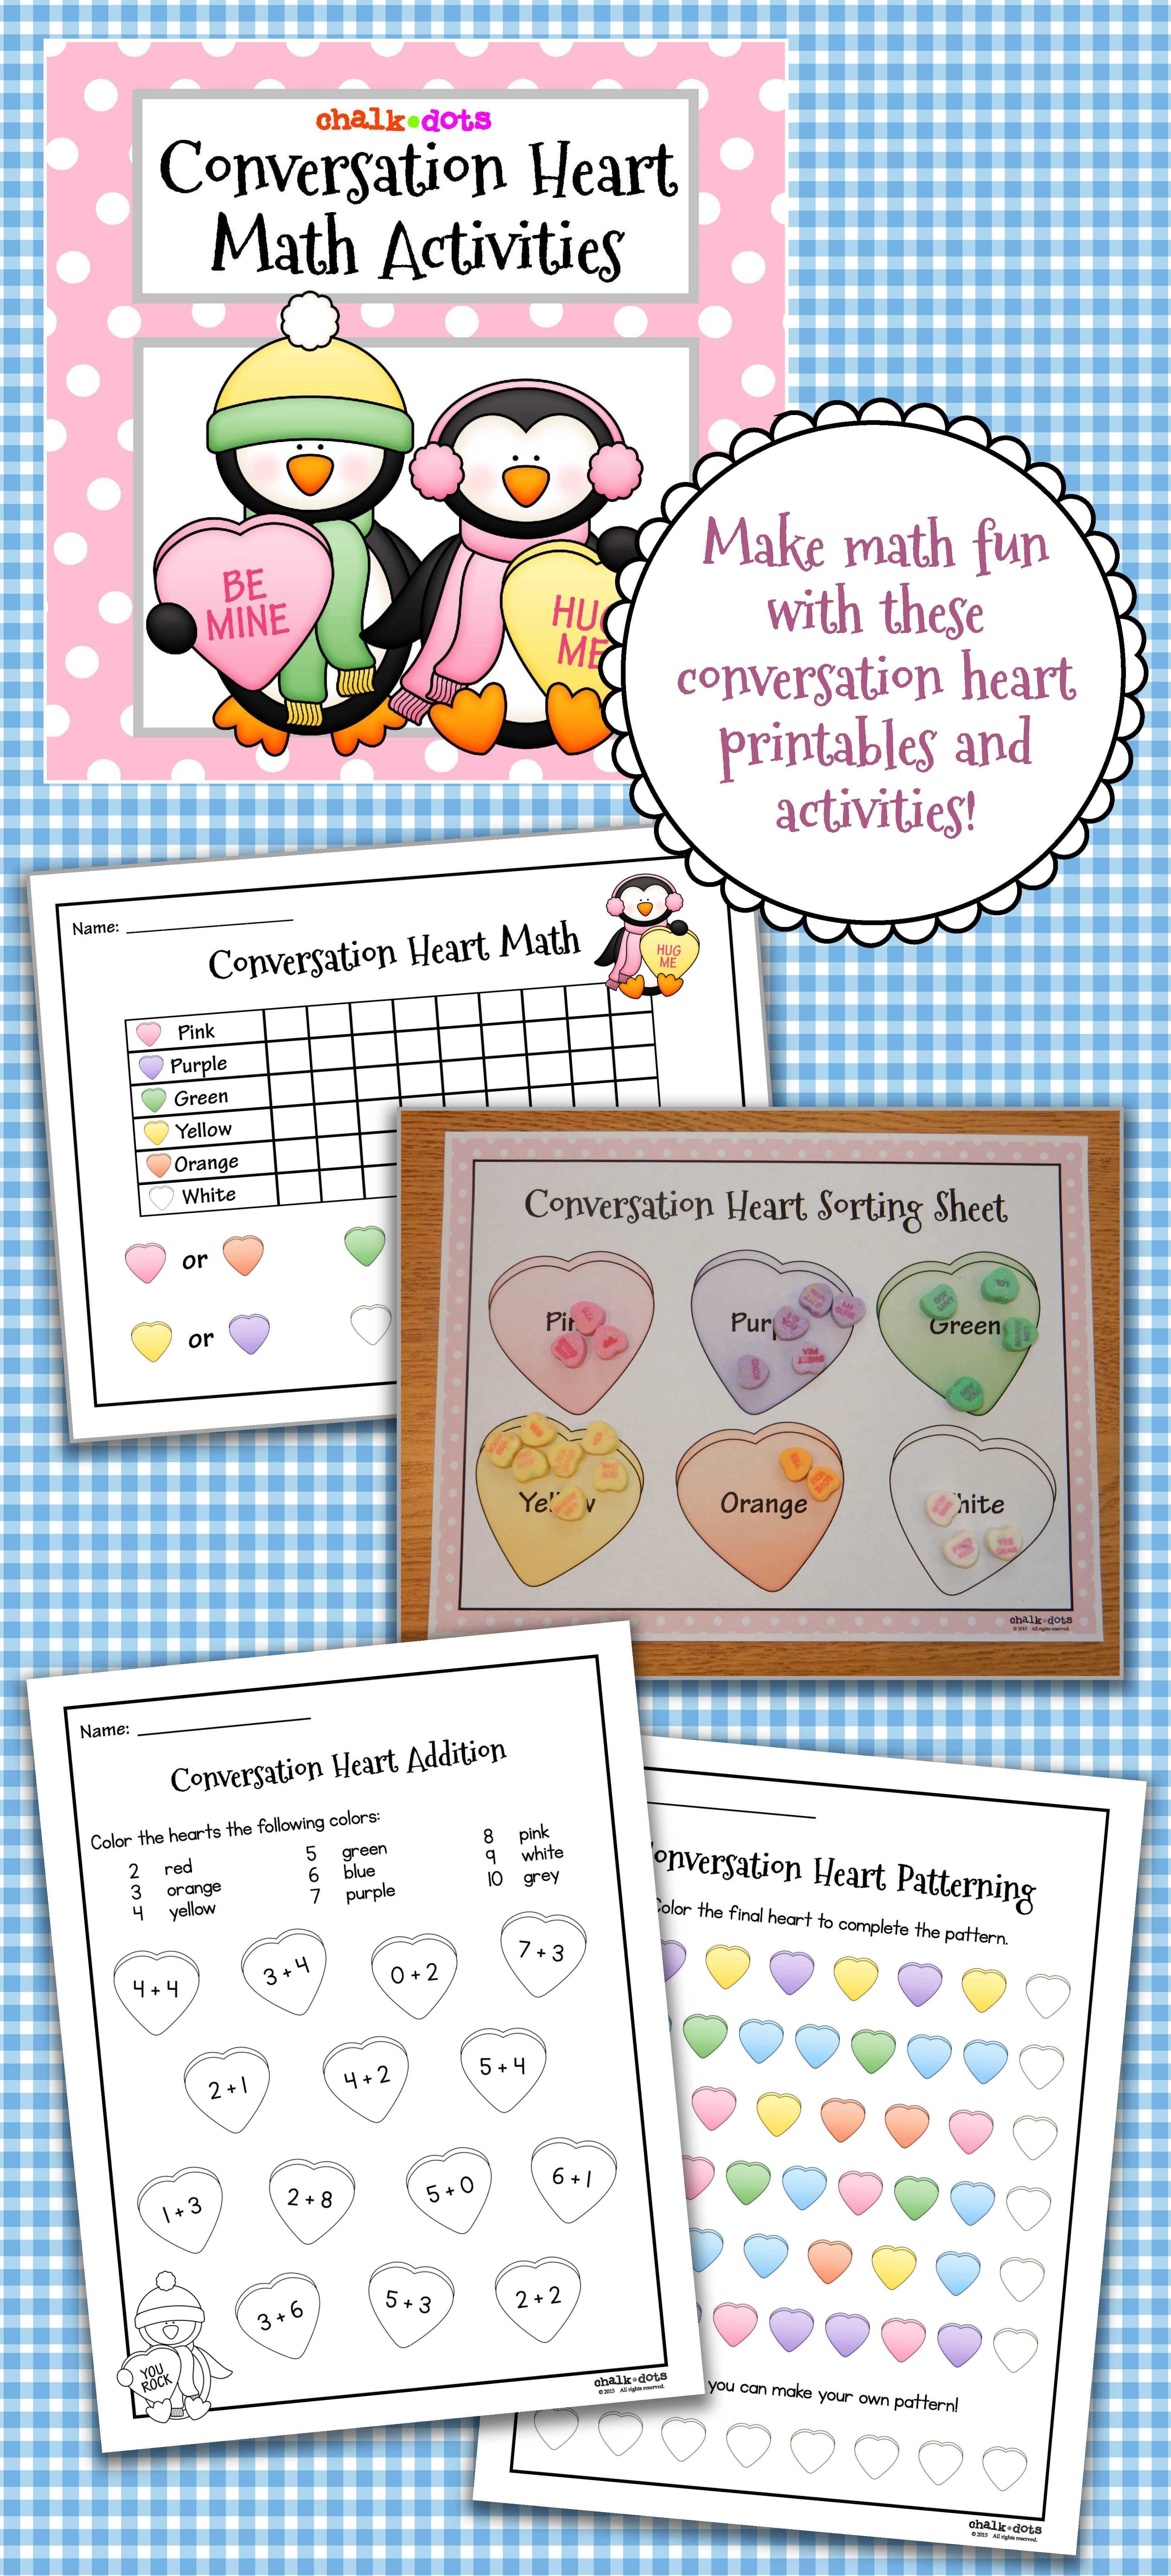 Conversation Heart Math Teaching Ideas